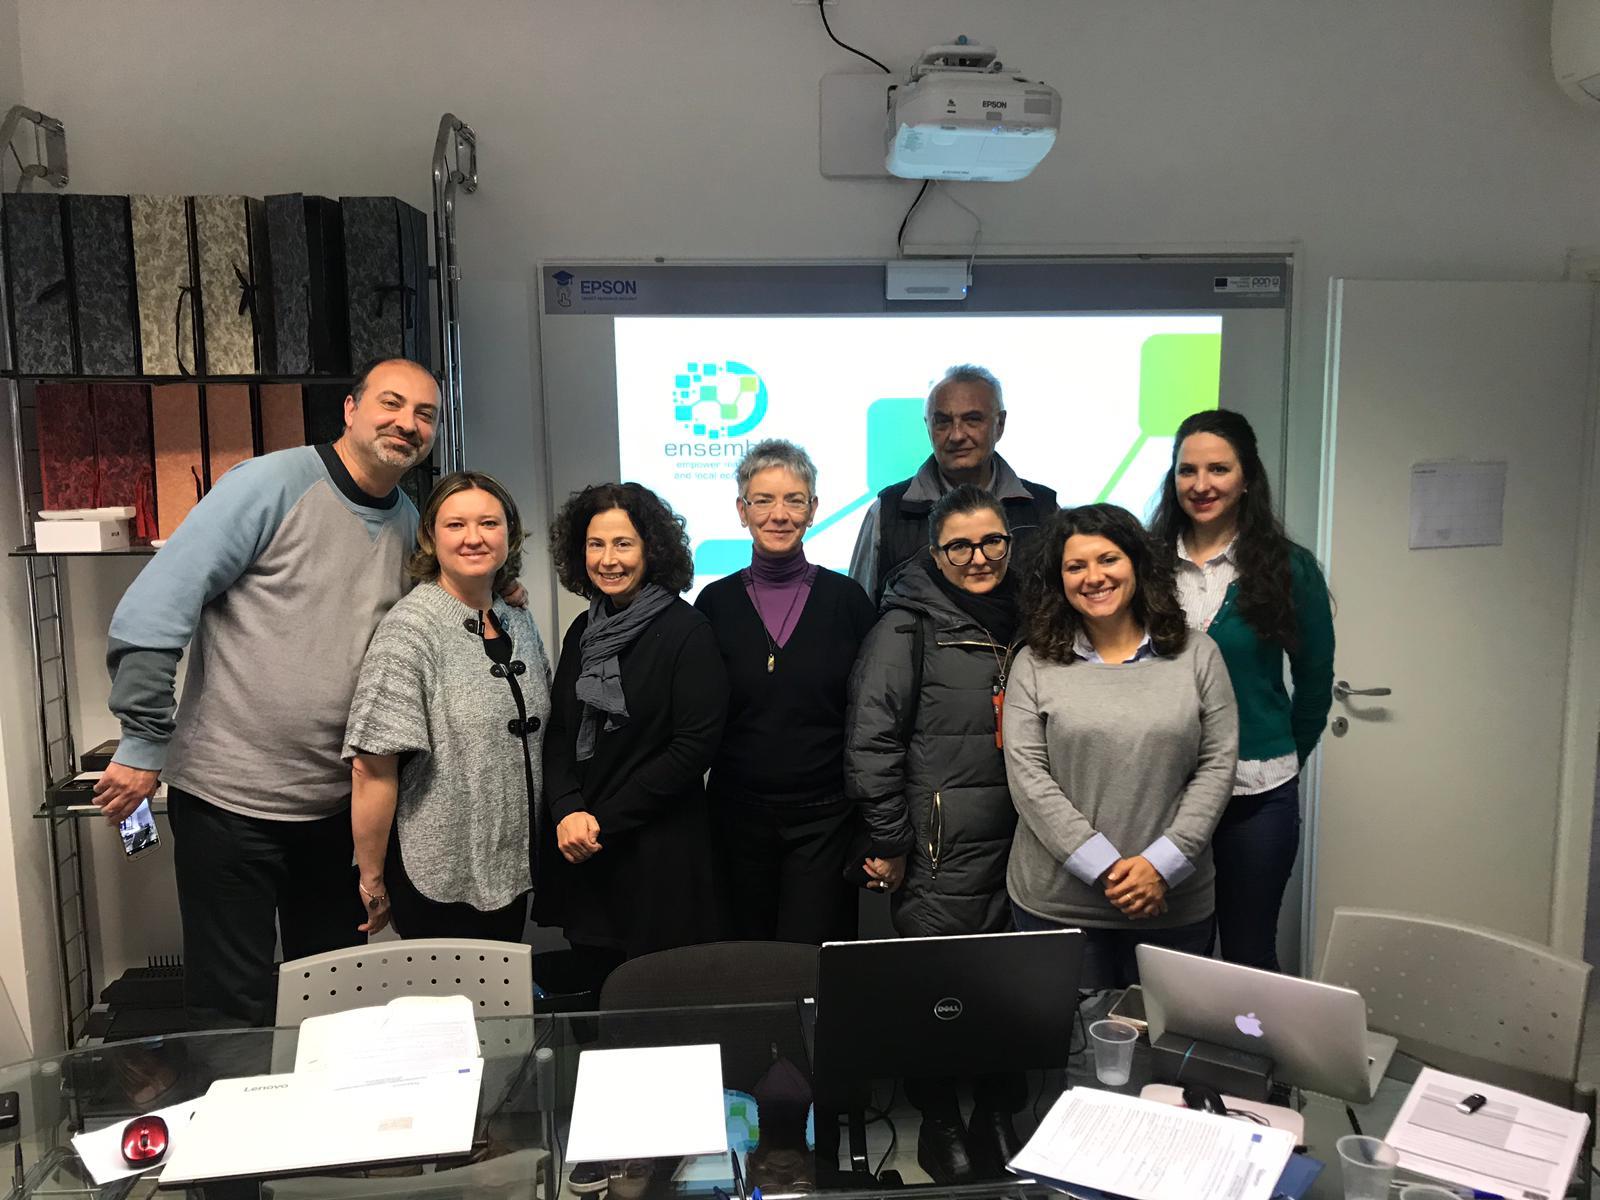 Internet Web Solutions viaja a Bolonia para la cuarta reunión de socios del proyecto ENSEMBLE